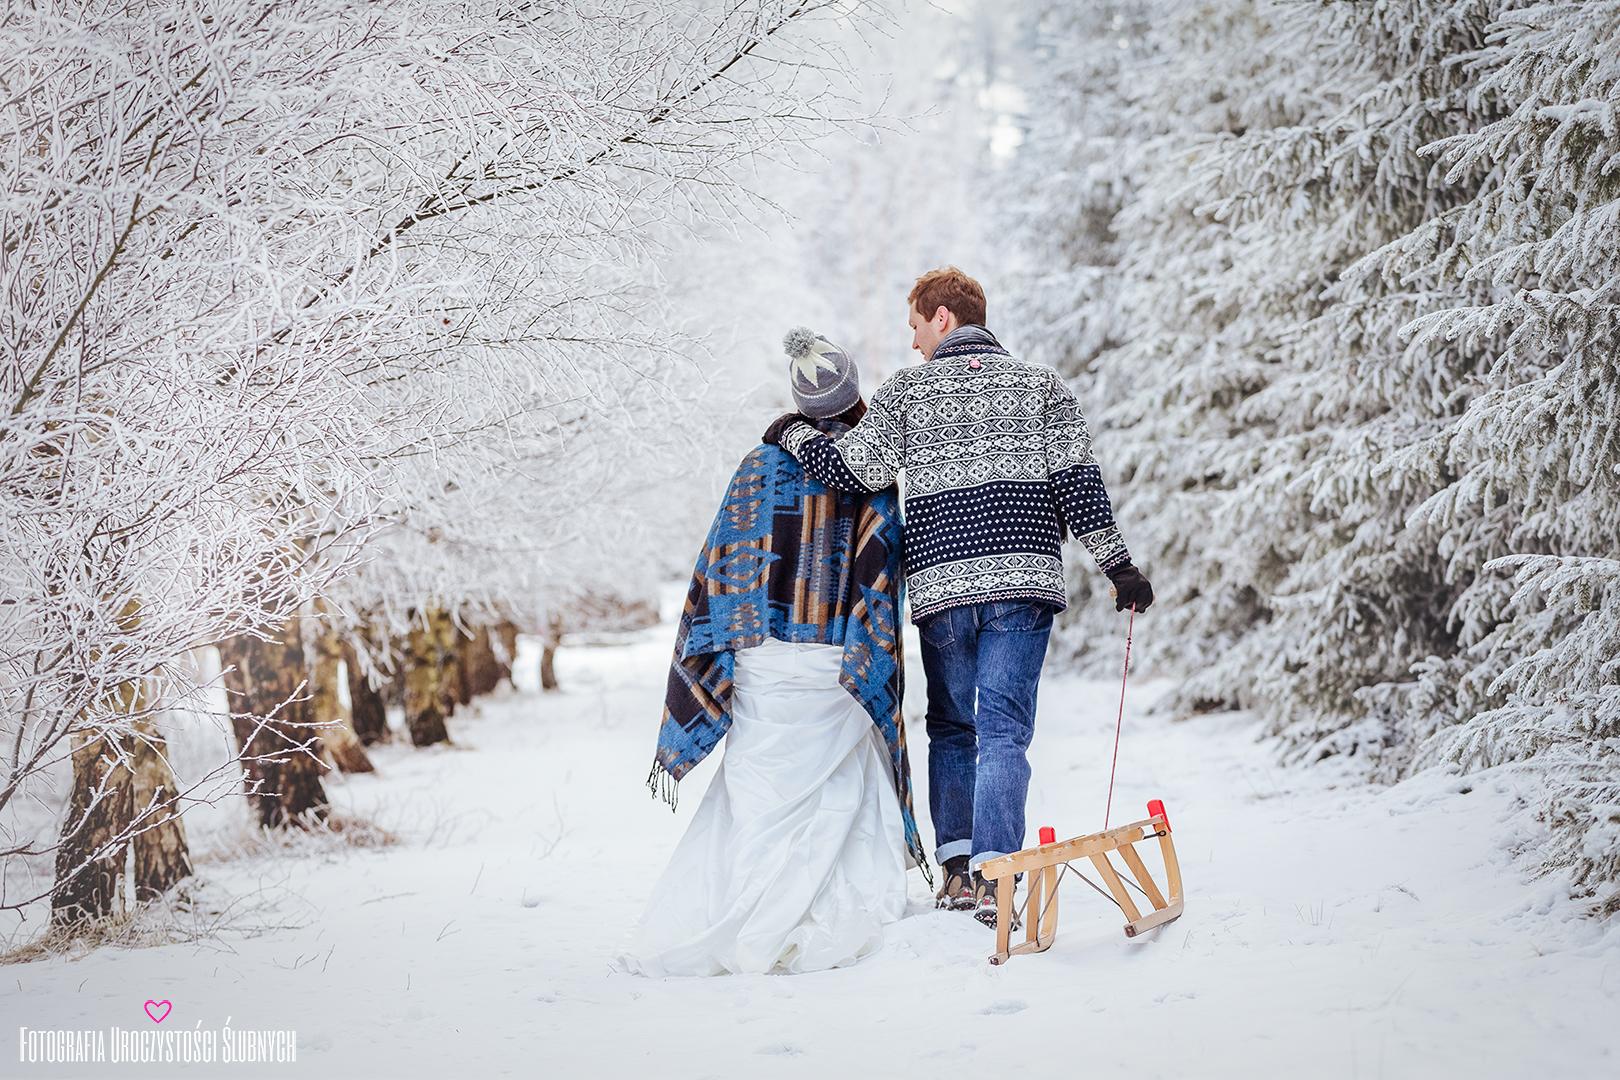 Super zimowa sesja ślubna w górach, w sercu Karkonoszy, w Szklarskiej Porębie. Sanki, retro biegówki, kolorowa stylizacja ślubna. Fotografia ślubna Jelenia Góra